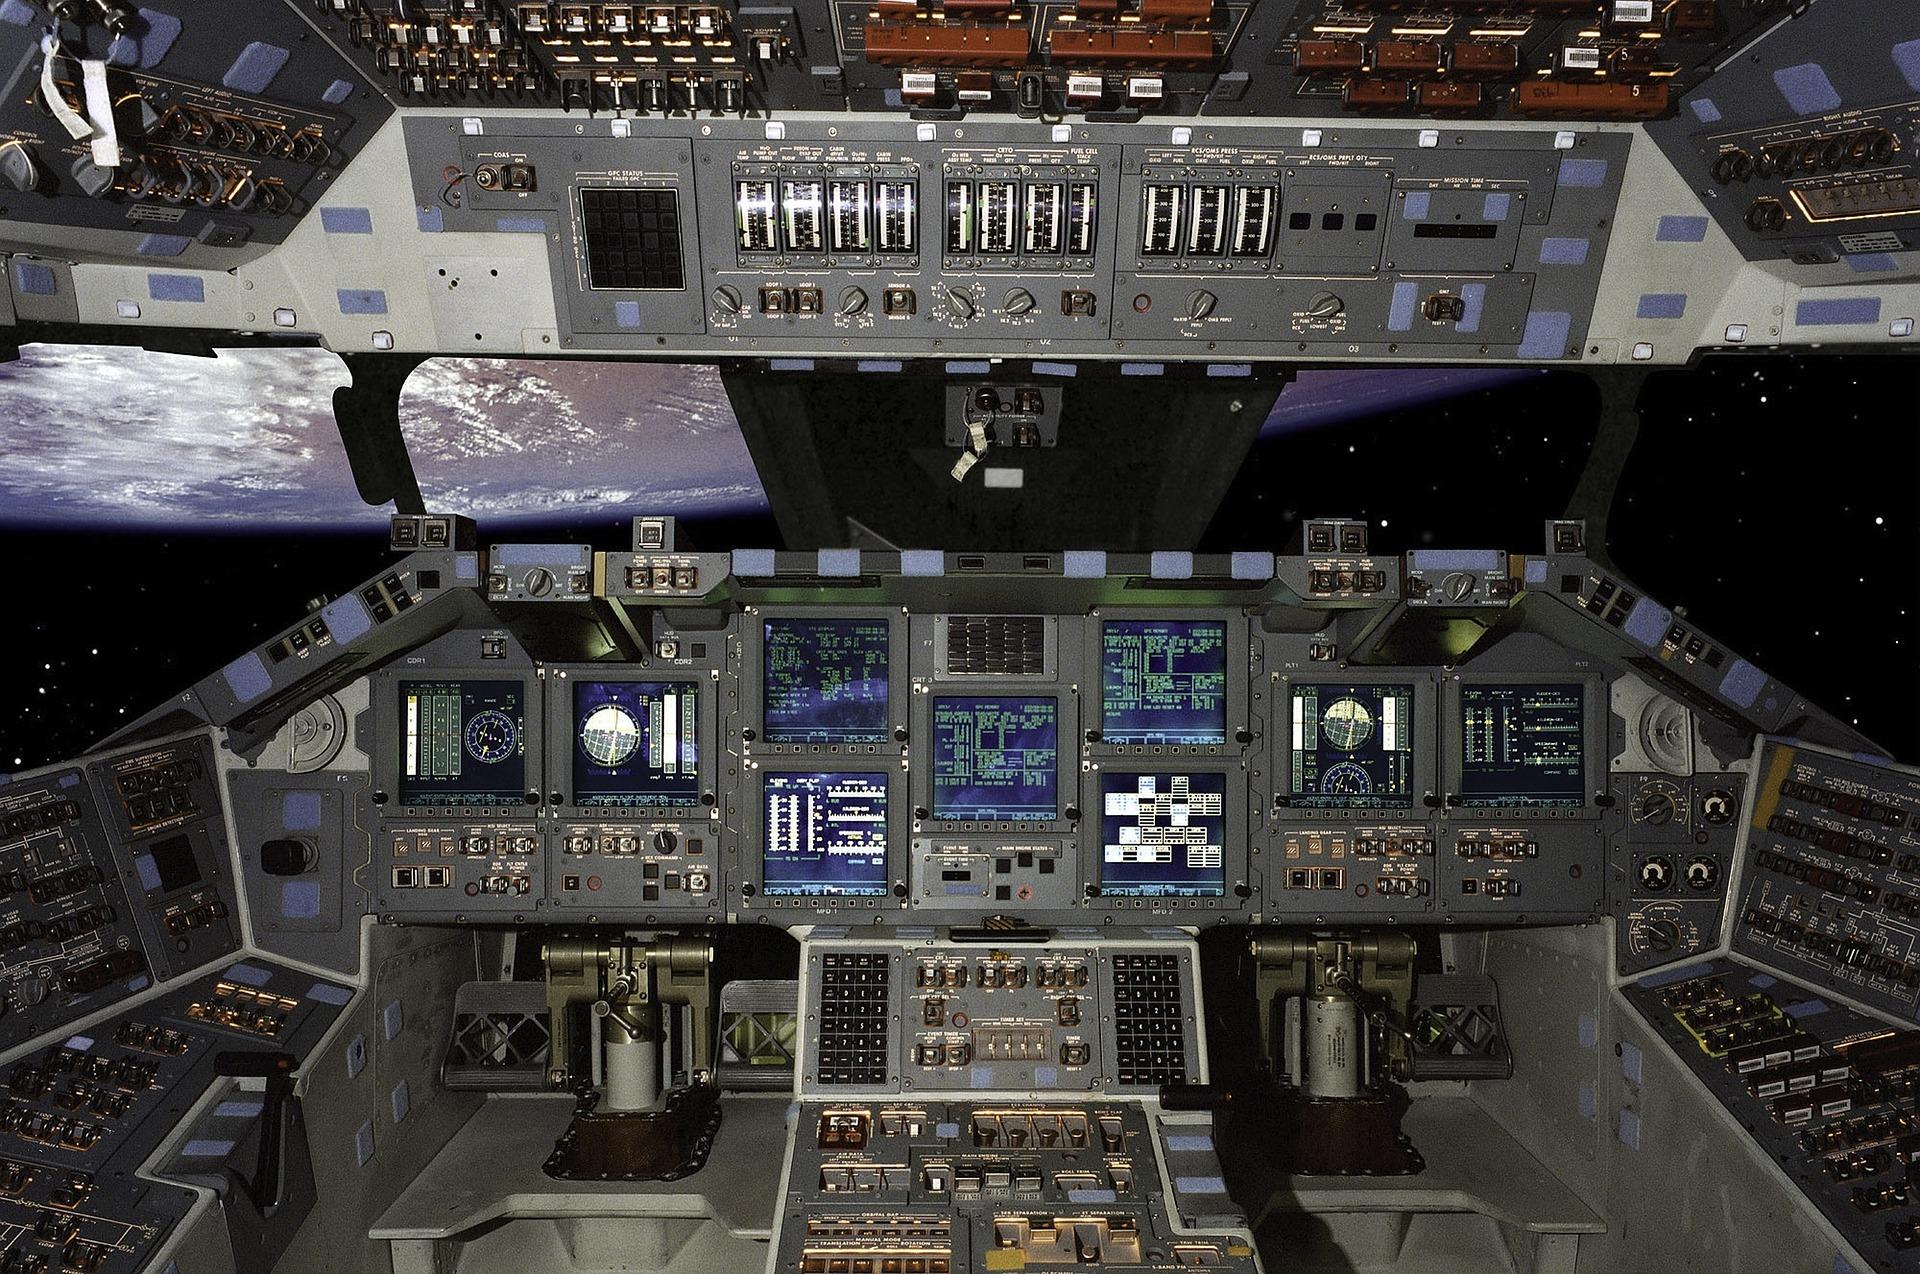 shuttle-642404_1920.jpg